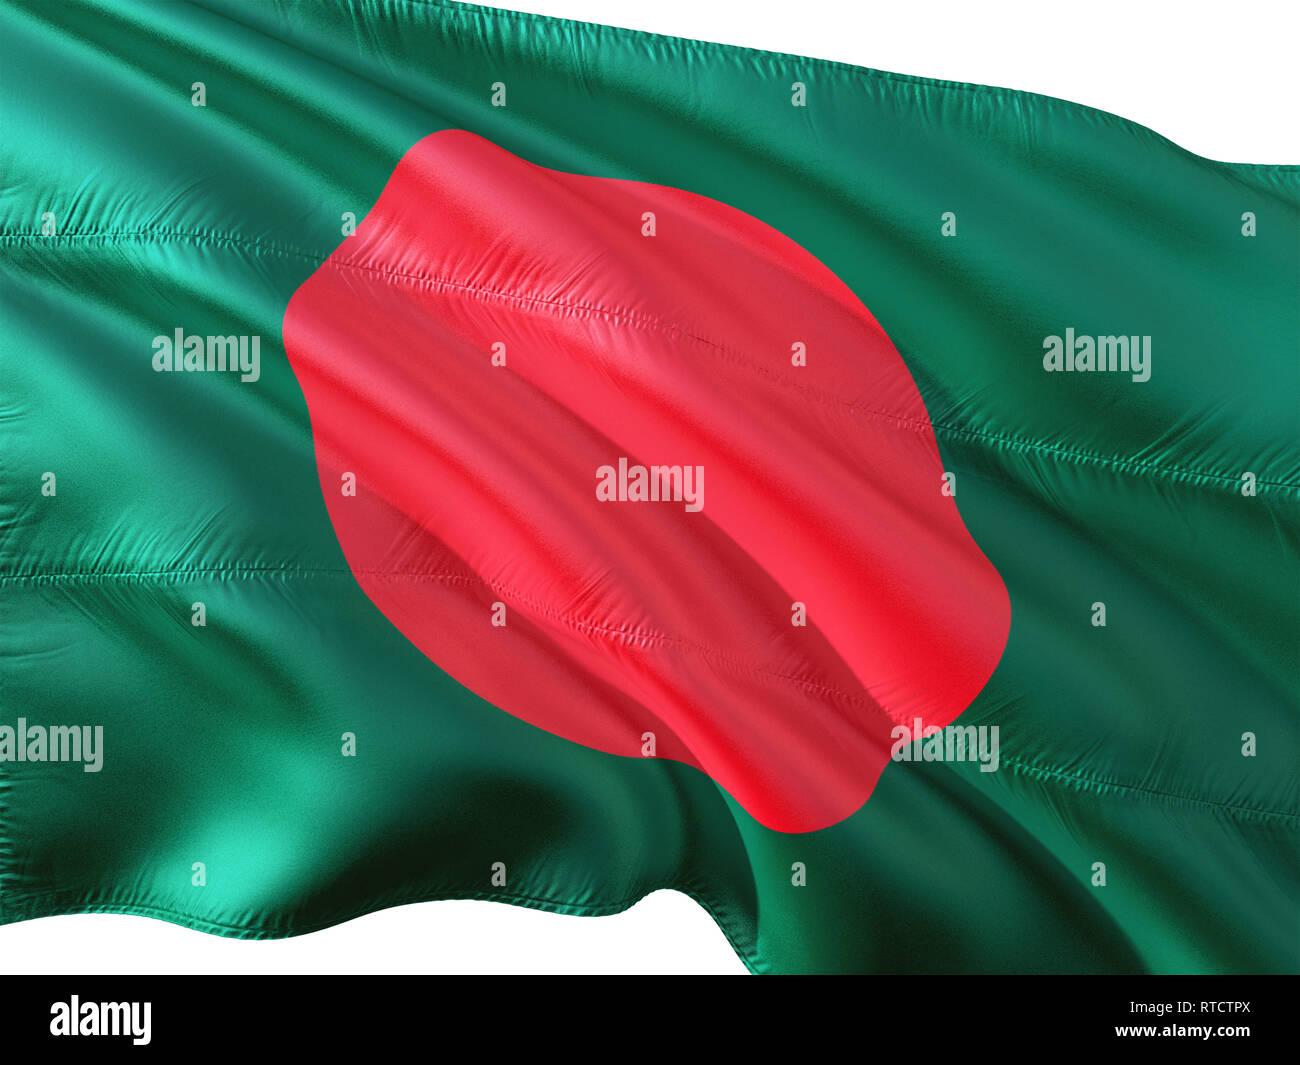 Flag Of Bangladesh Stock Photos & Flag Of Bangladesh Stock